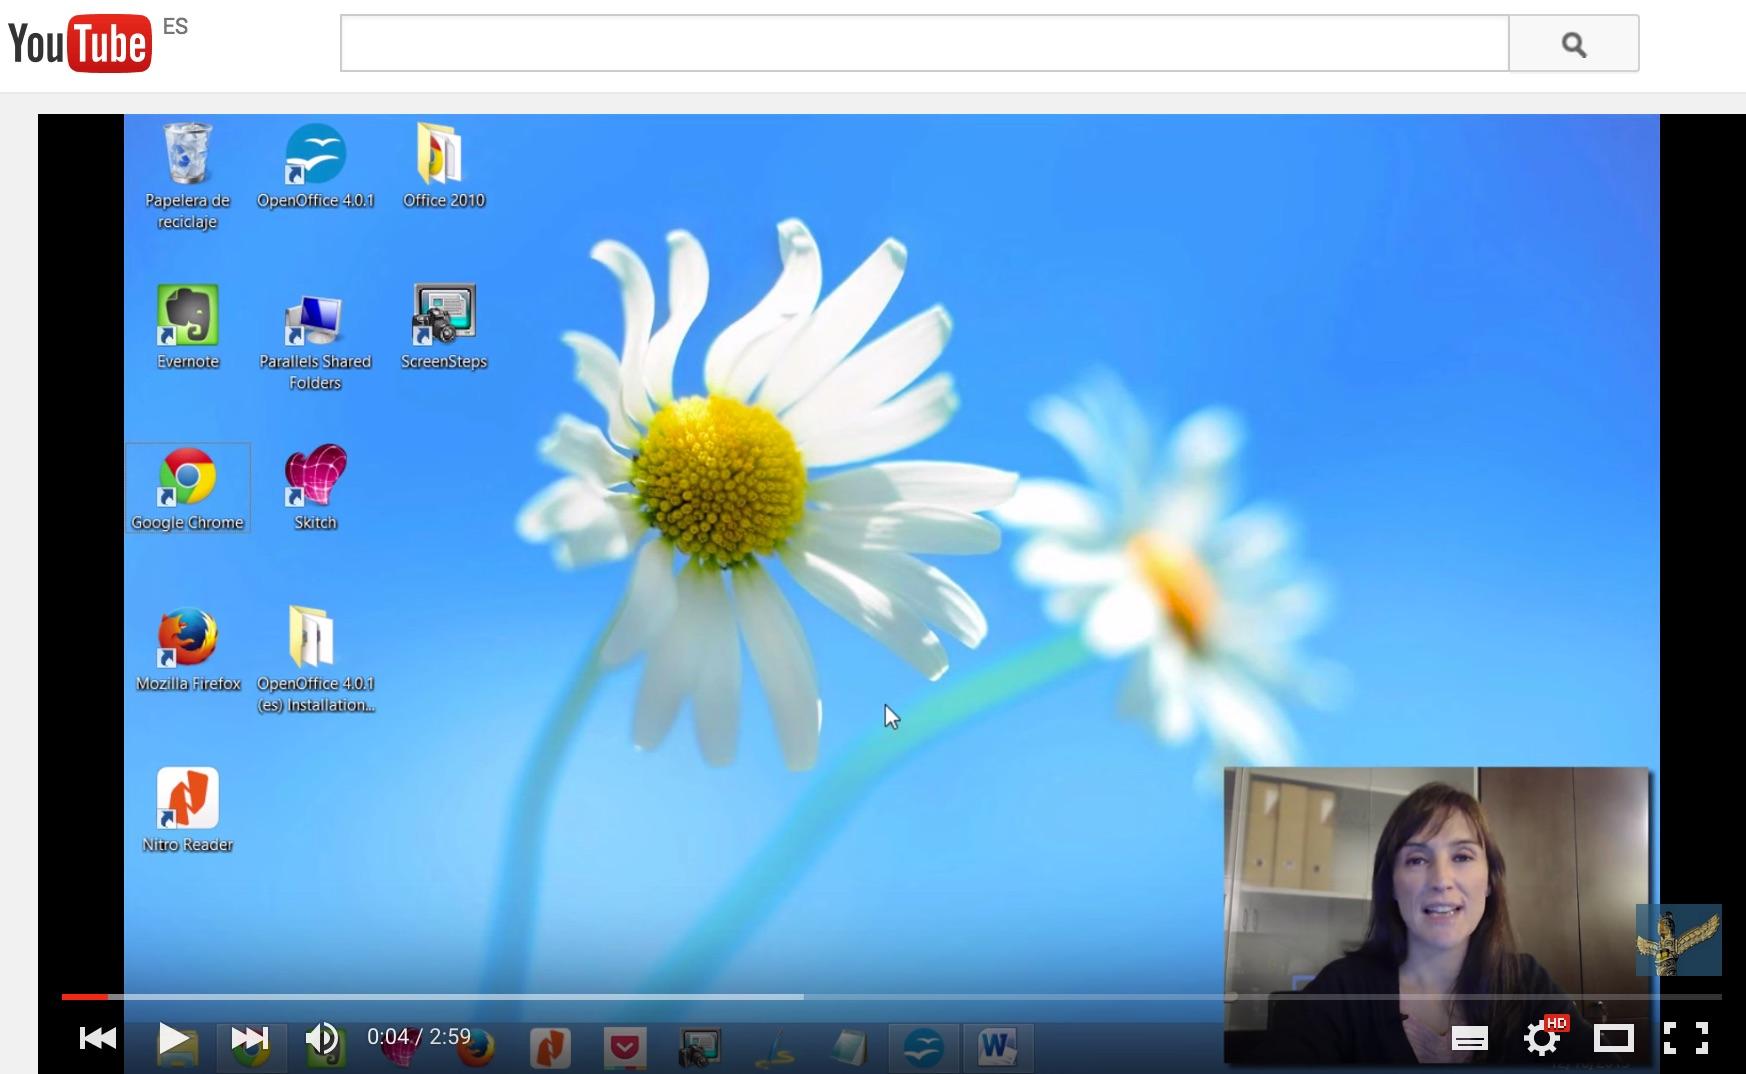 Grabar_imagen_del_profesor_en_video